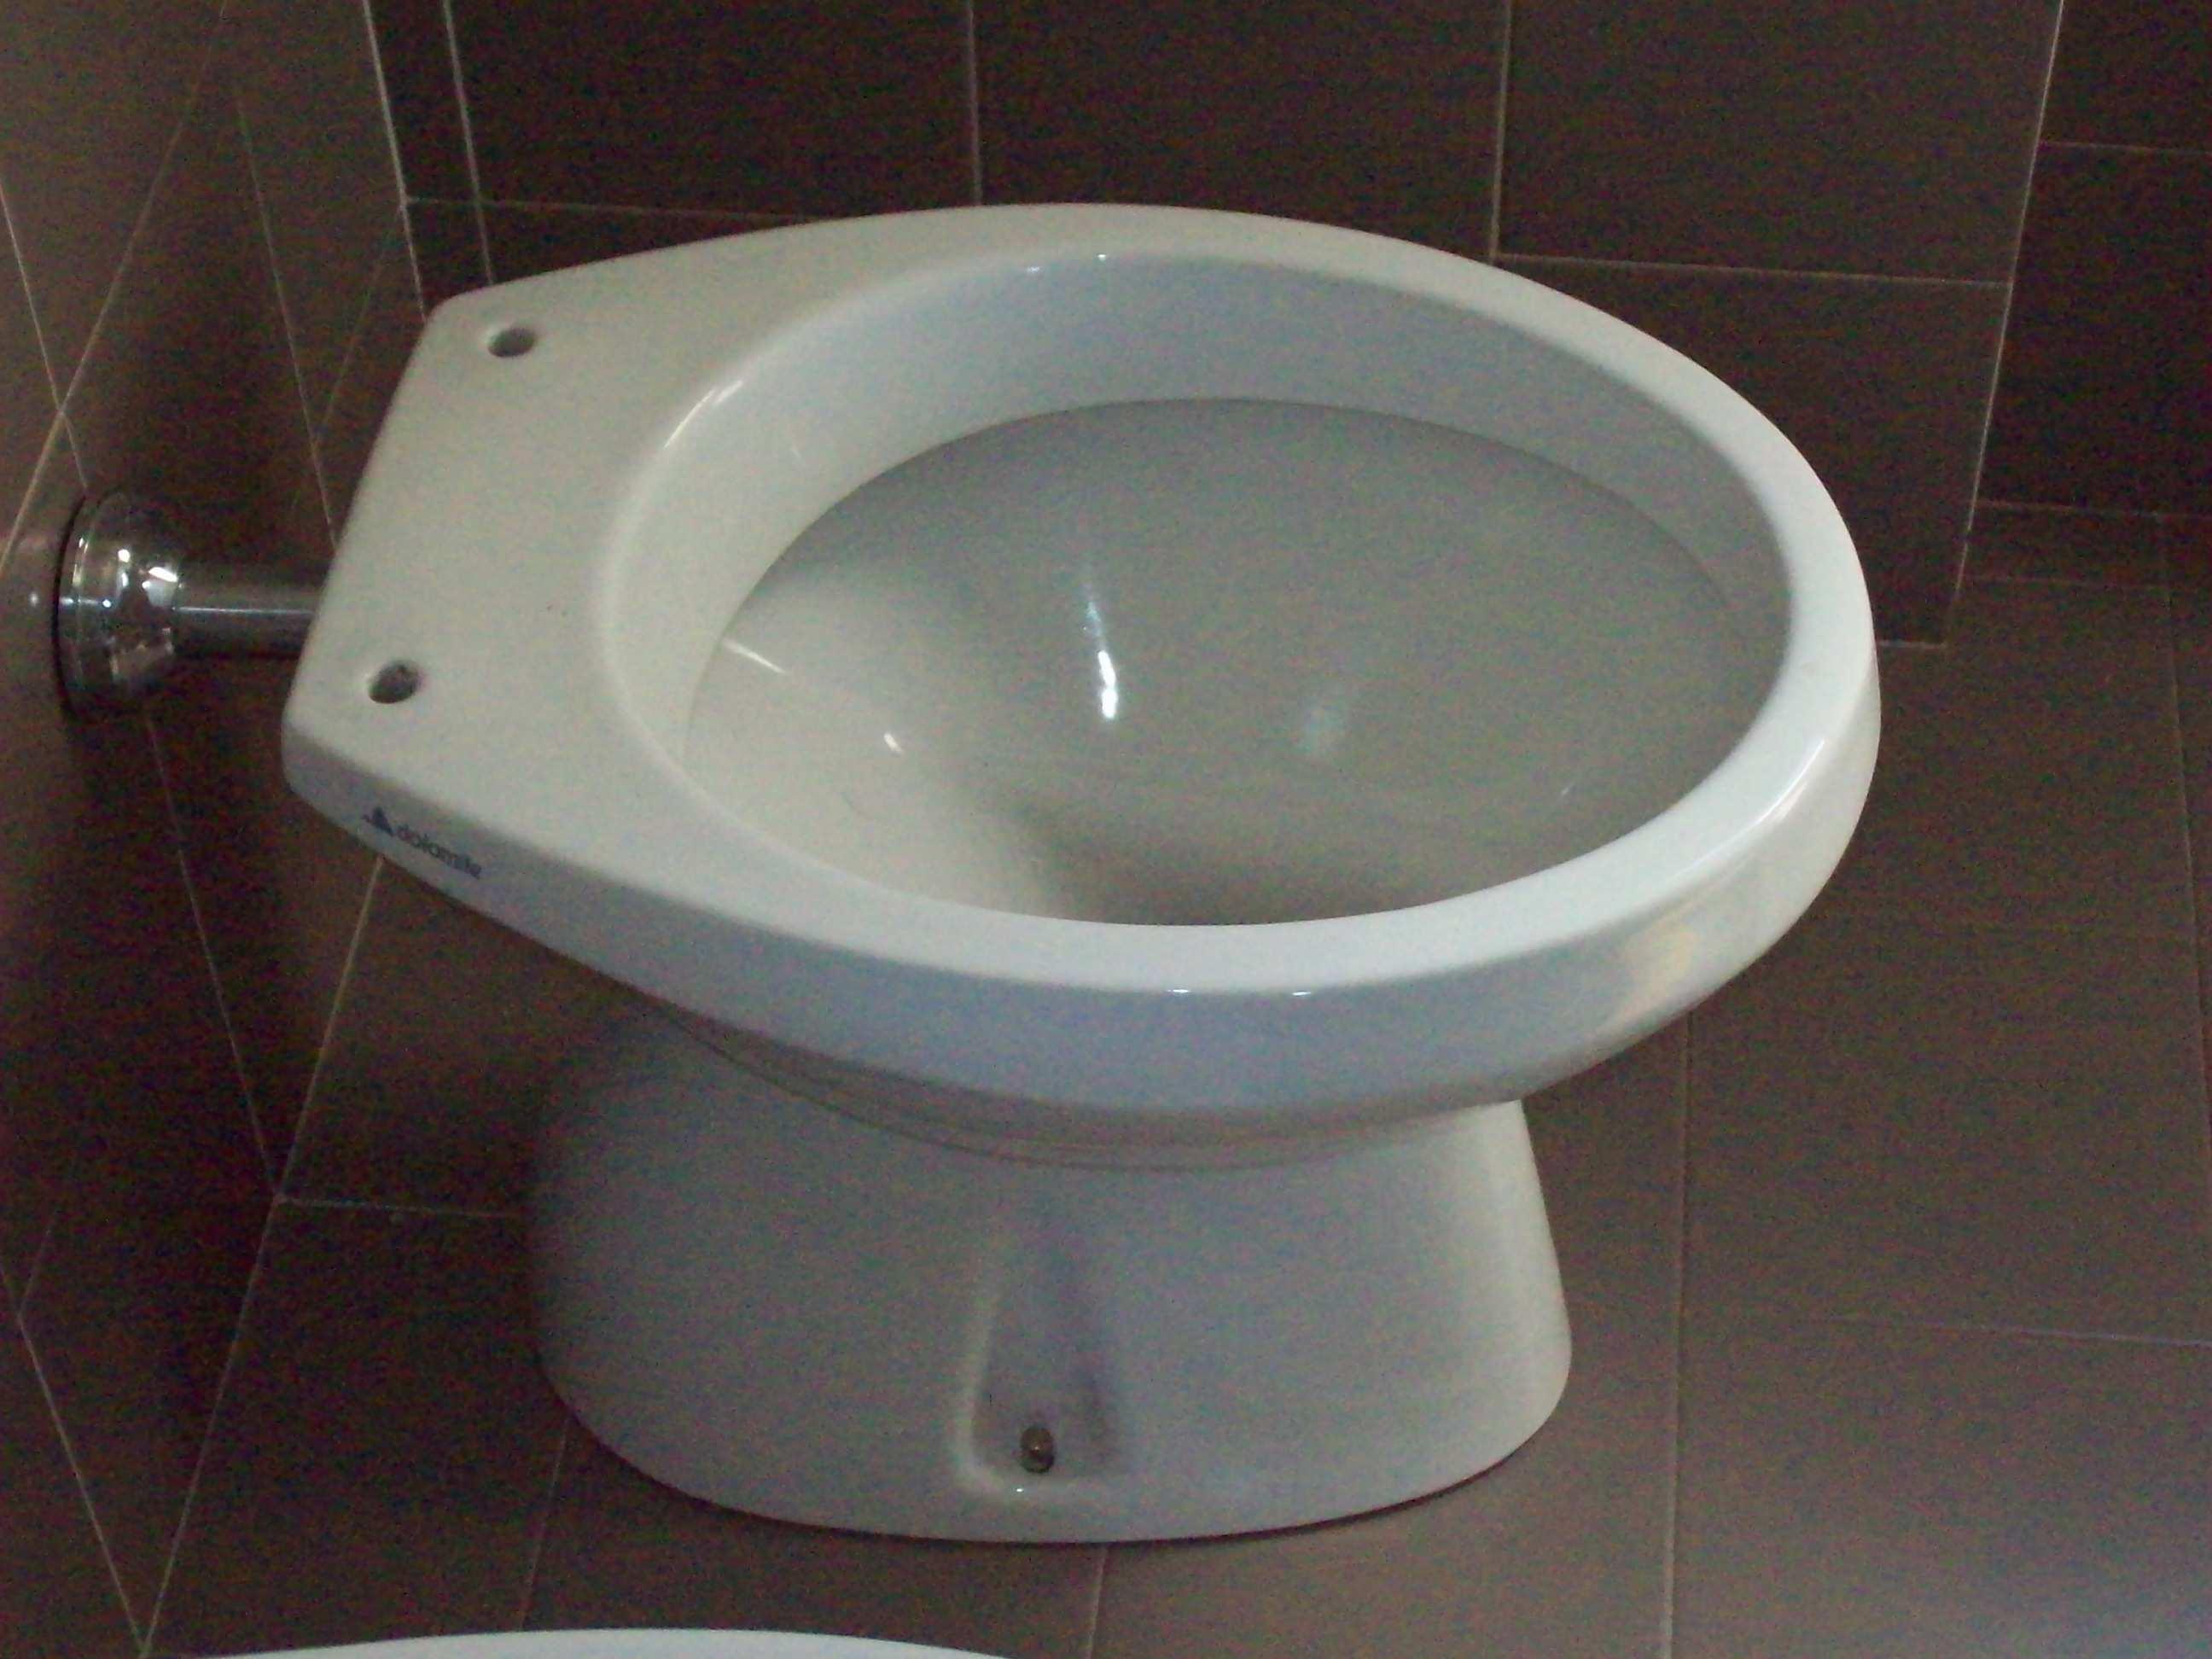 le vecchie serie ceramiche dolomite e i loro sedili wc